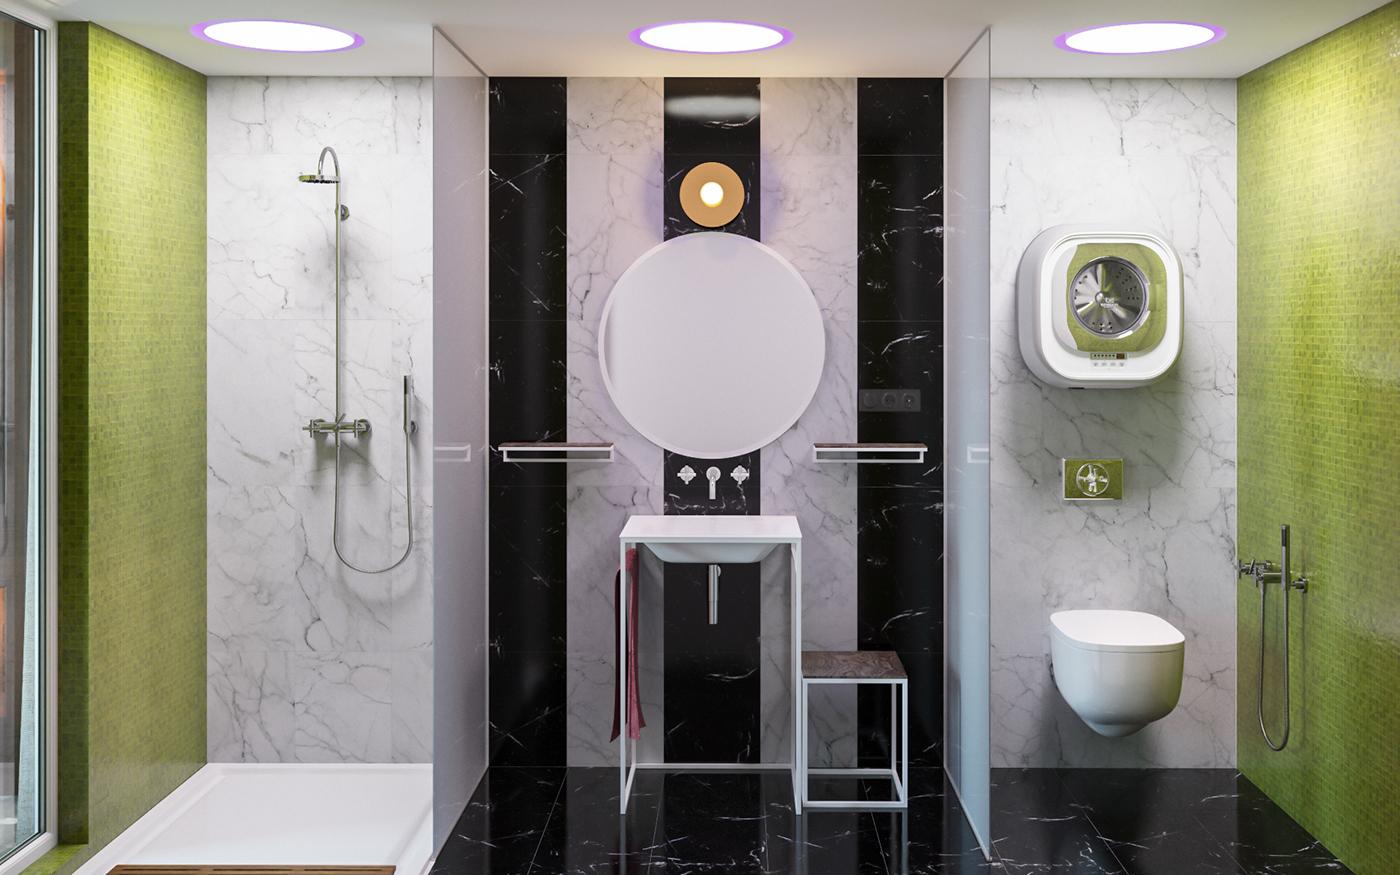 Роскошная квартира Роскошная квартира Роскошная квартира от дизайнера Ольги Ермолиной 71852a34905039